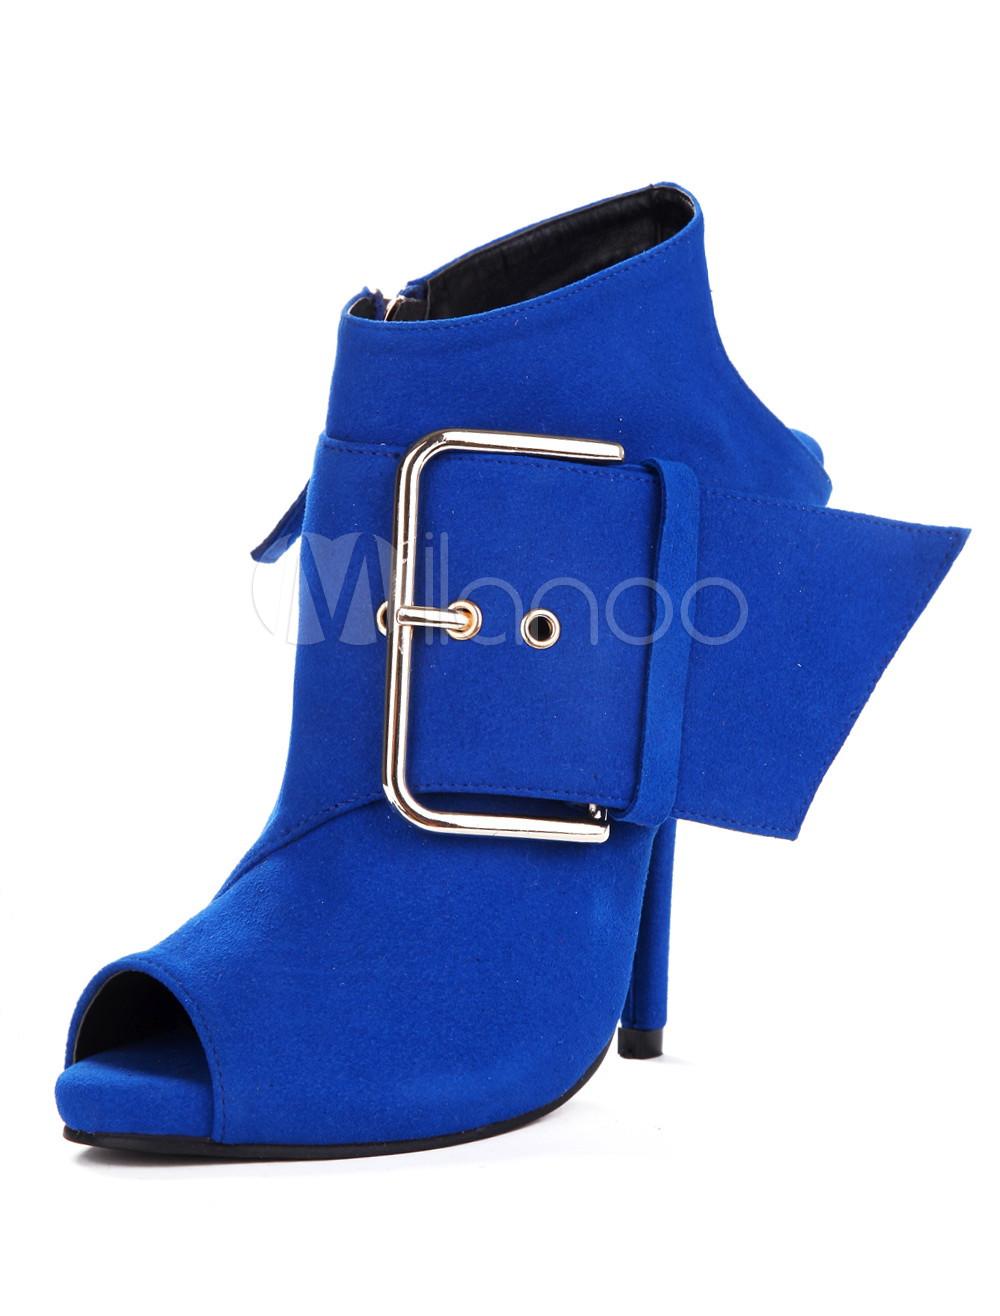 Royal Blue Peep Toe Suede High Heel Booties